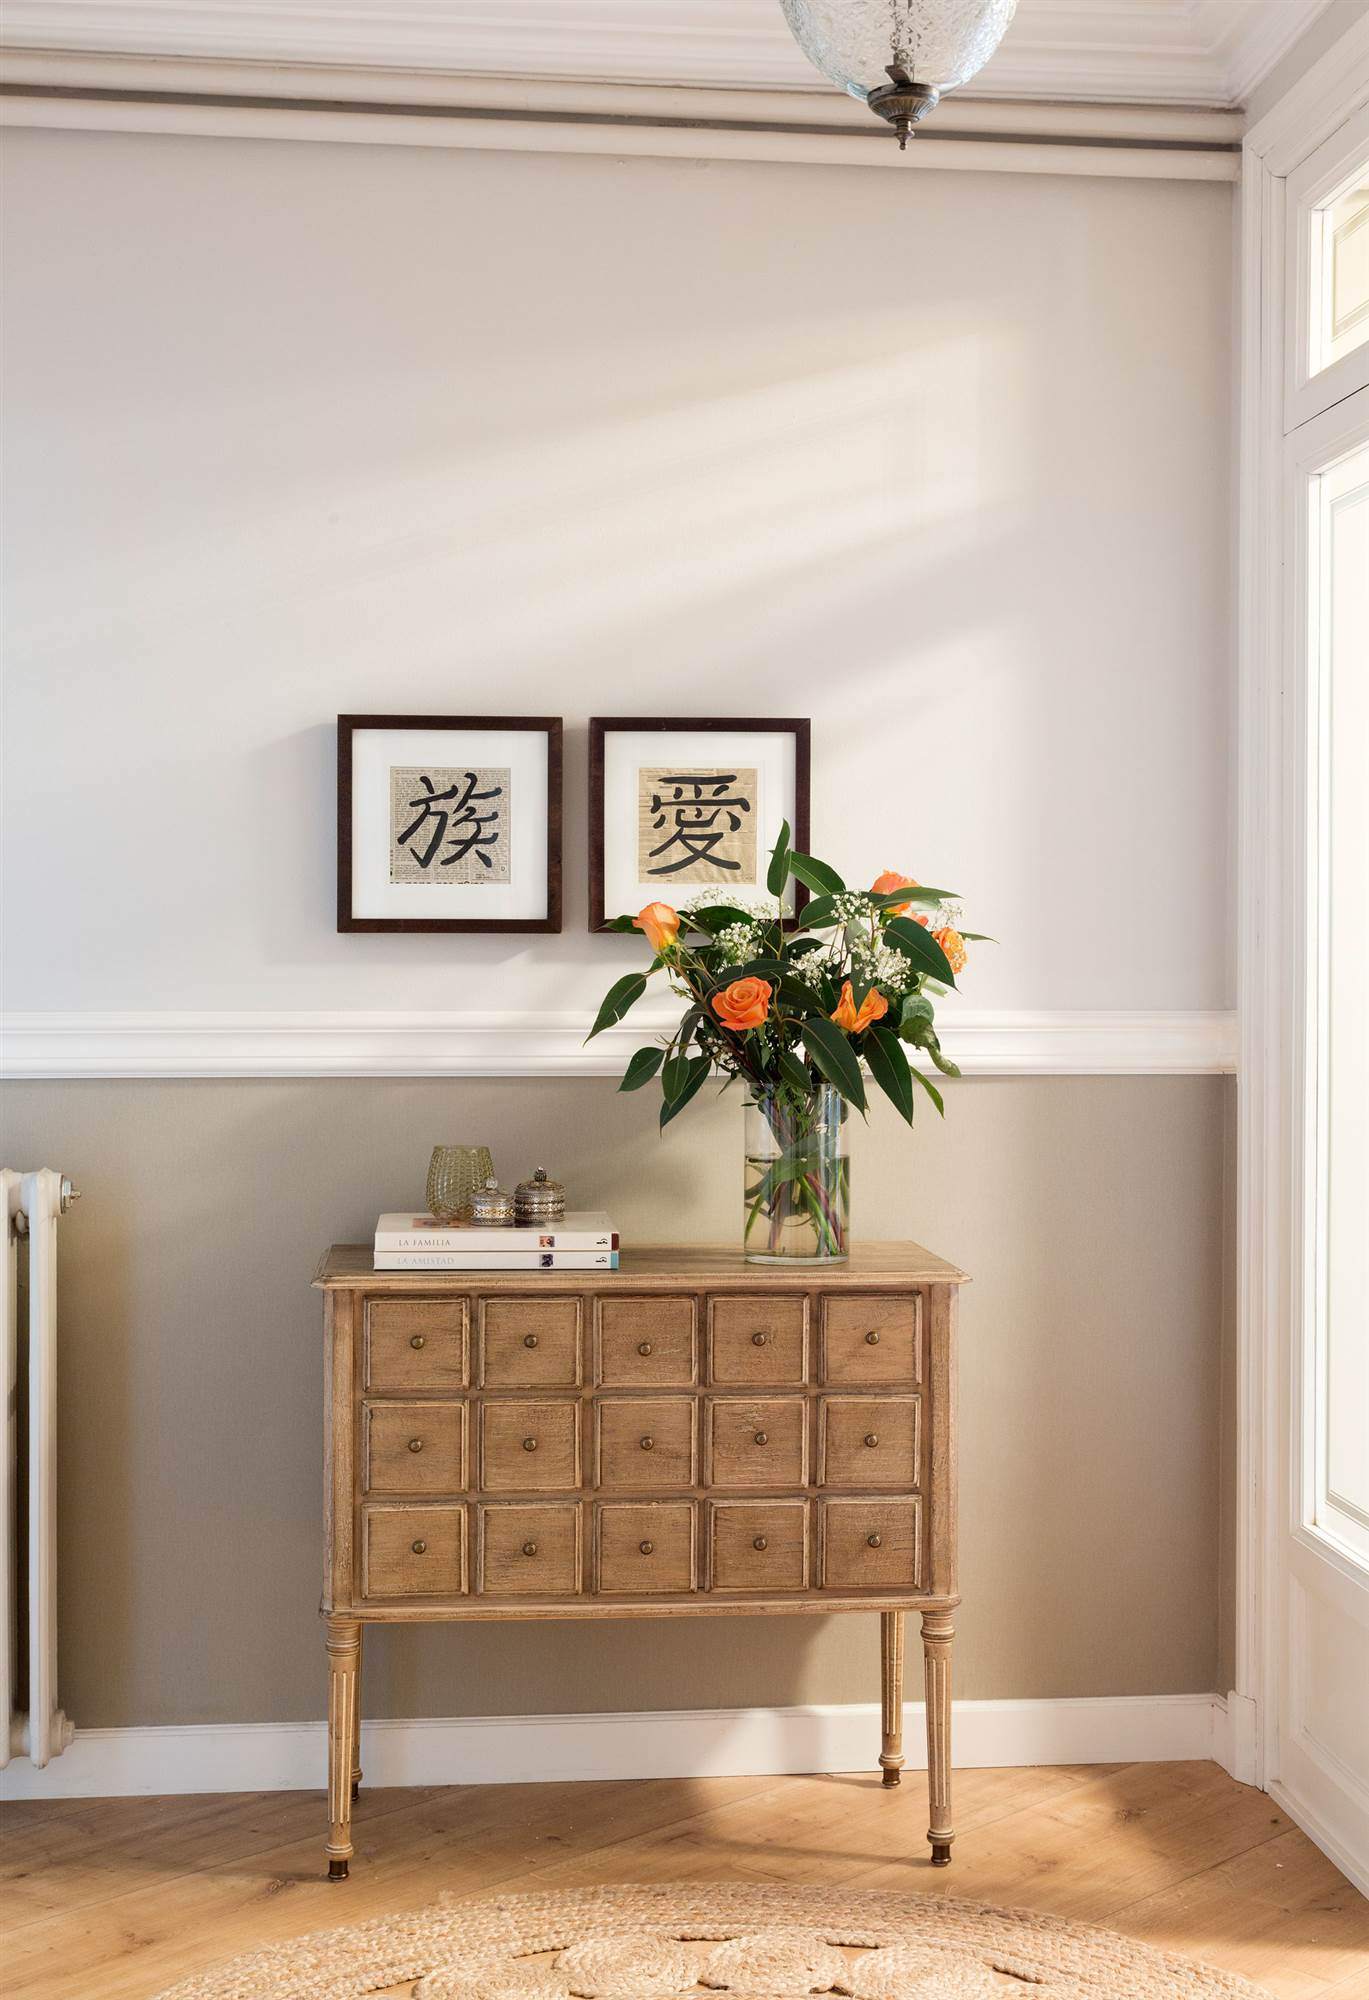 Recibidor muebles zapateros e ideas para recibidores elmueble - Mueble recibidor madera ...